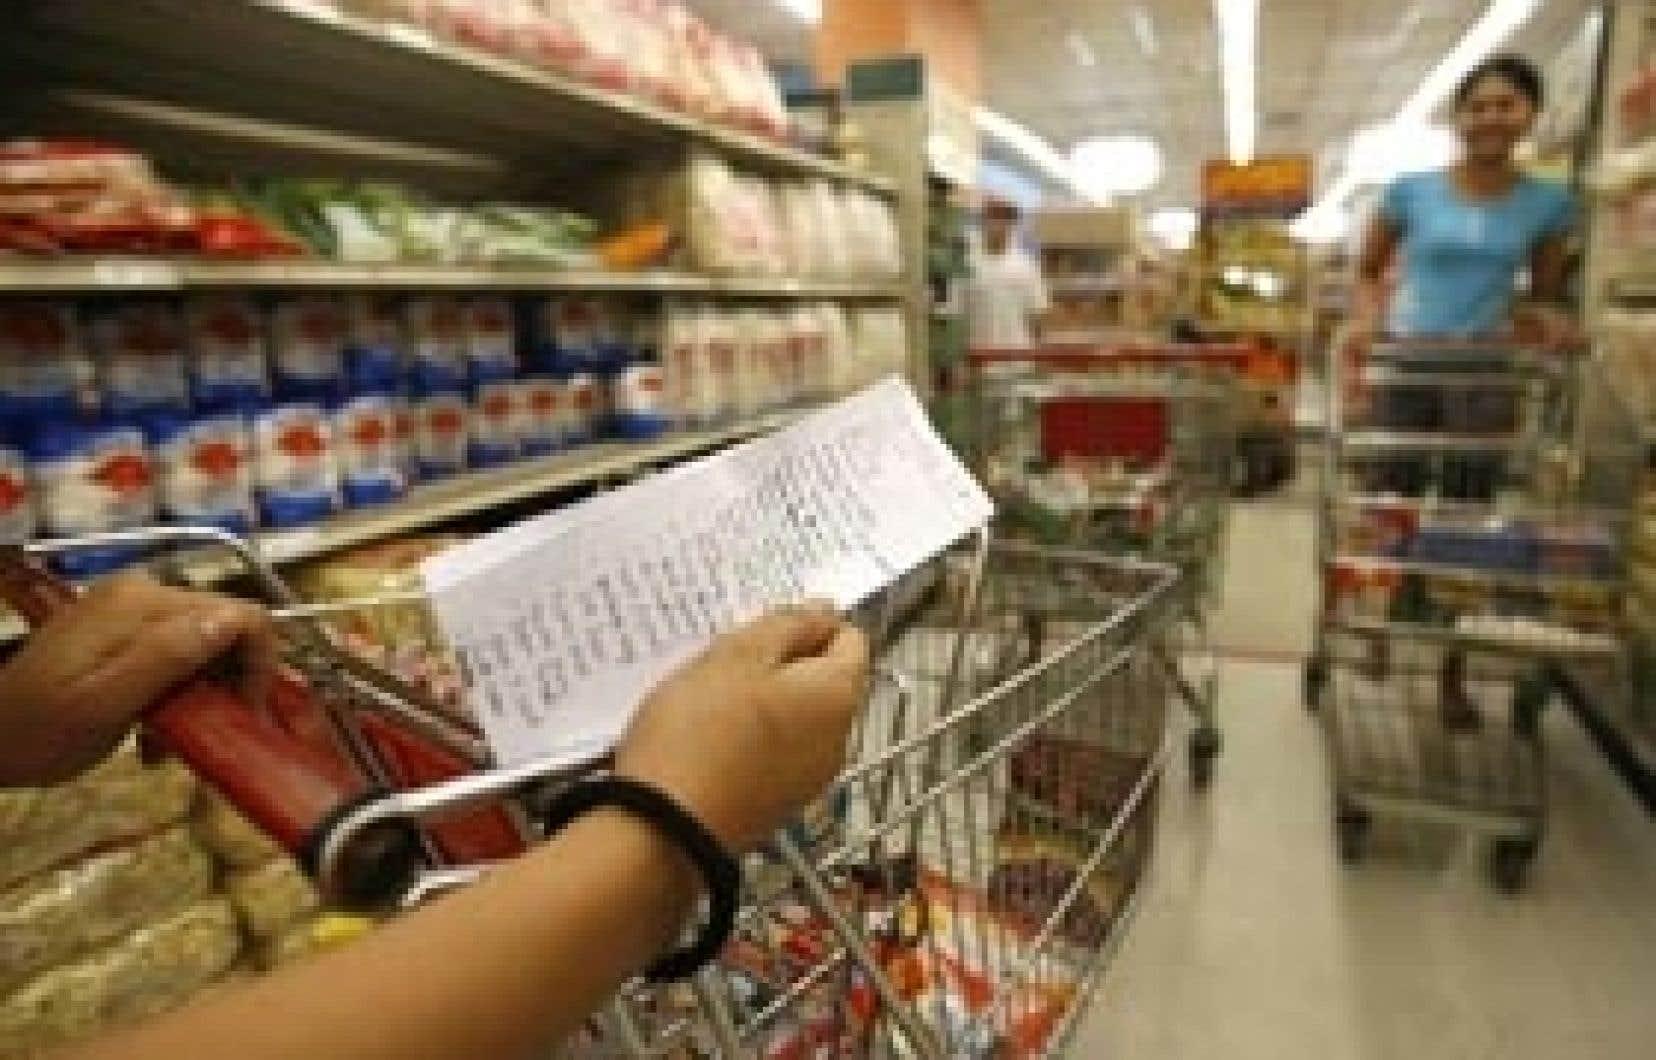 Après les OGM, les nanoparticules sont sur le point de s'introduire dans le panier d'épicerie.